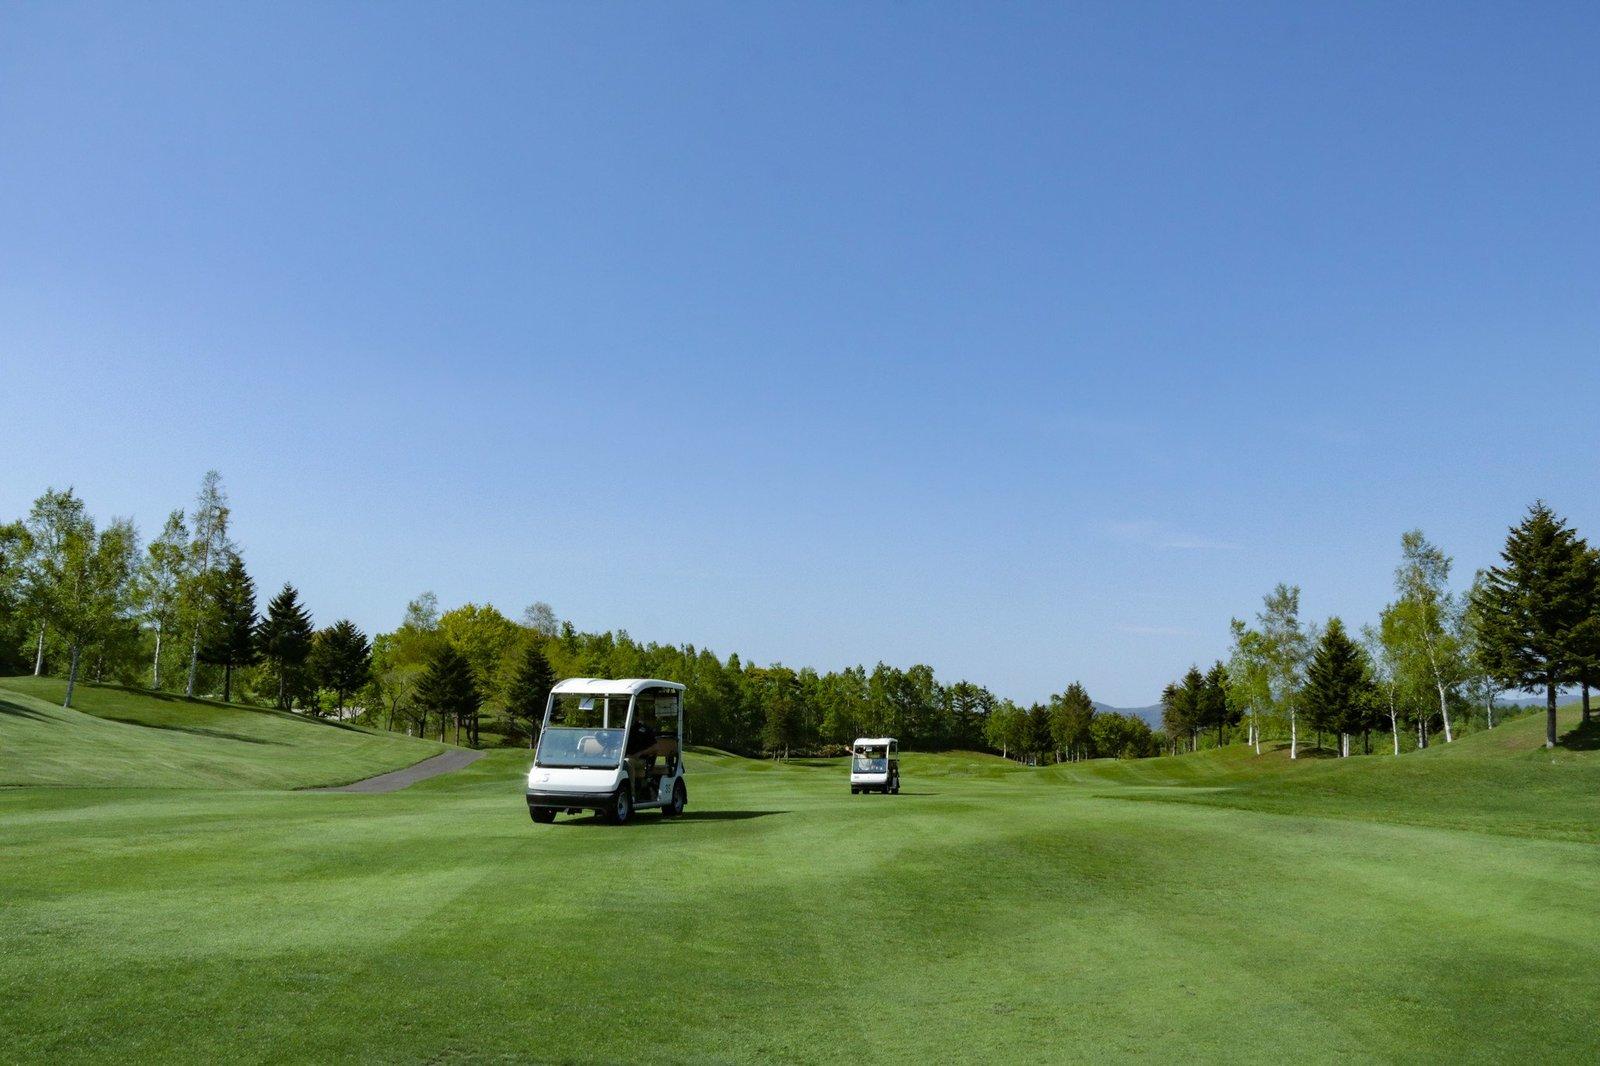 golfcart tour follow